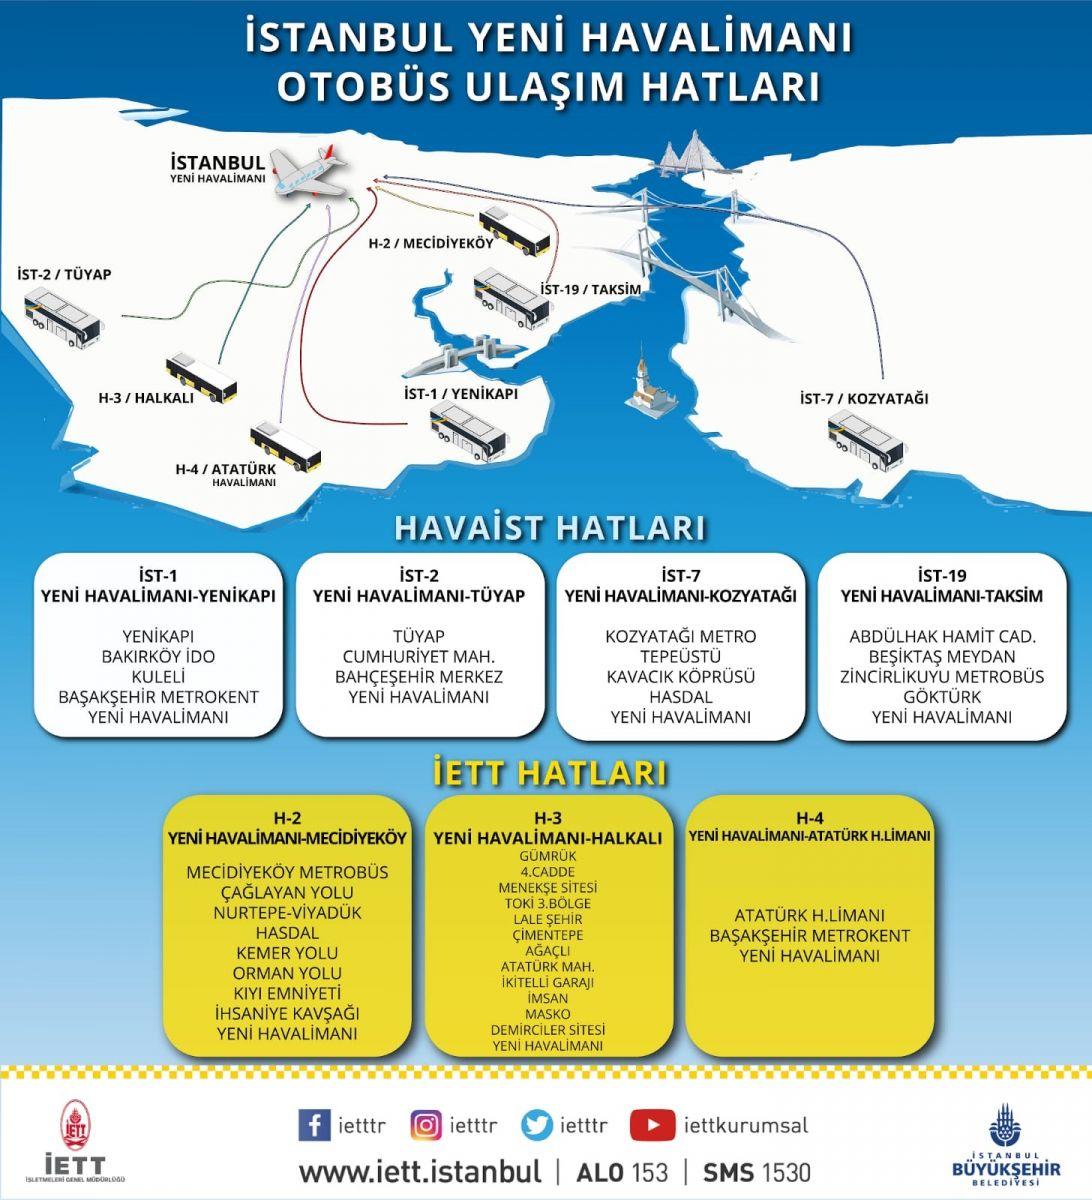 Havalimanı Harita